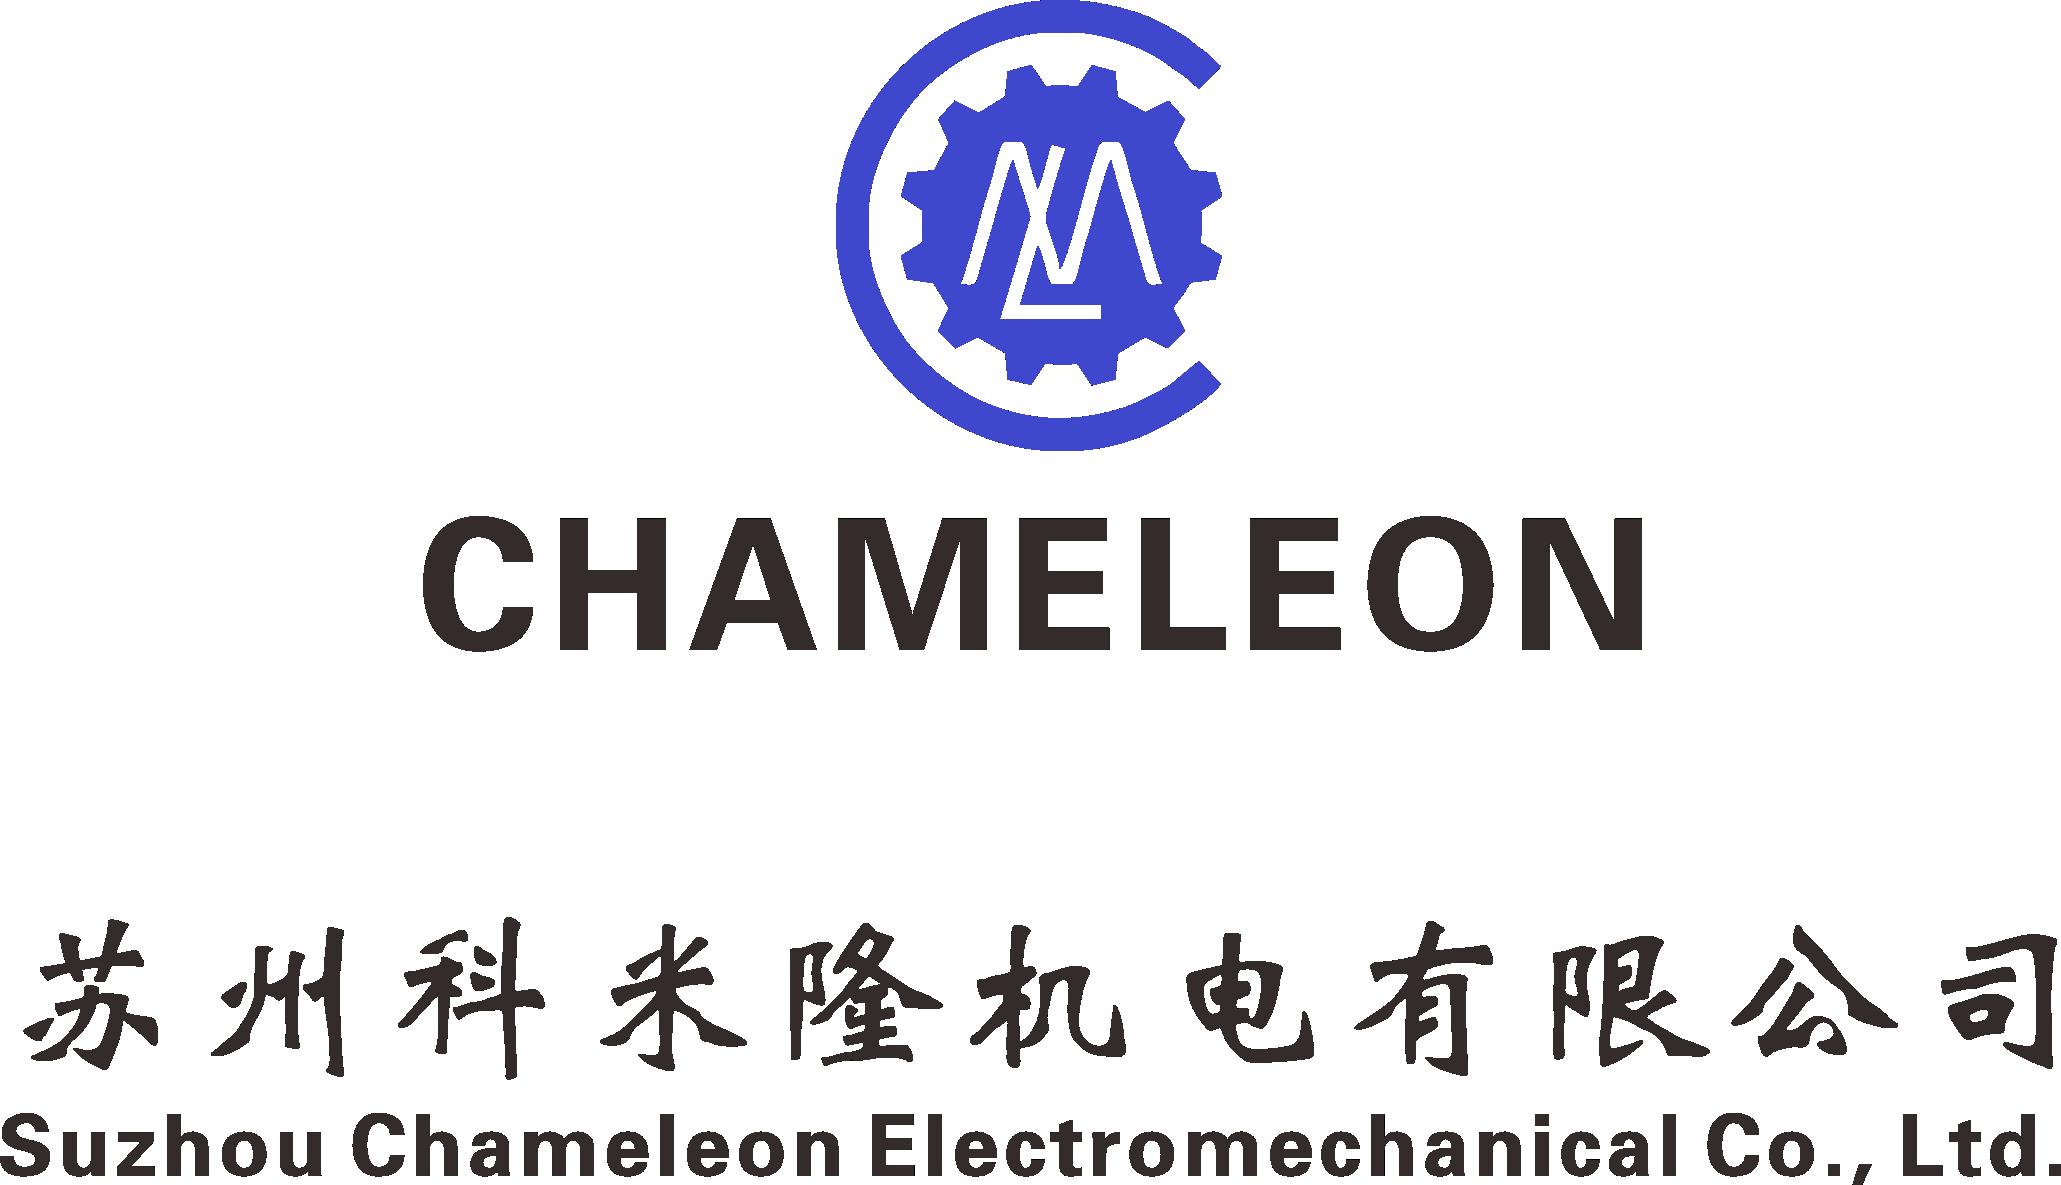 苏州科米隆机电有限公司